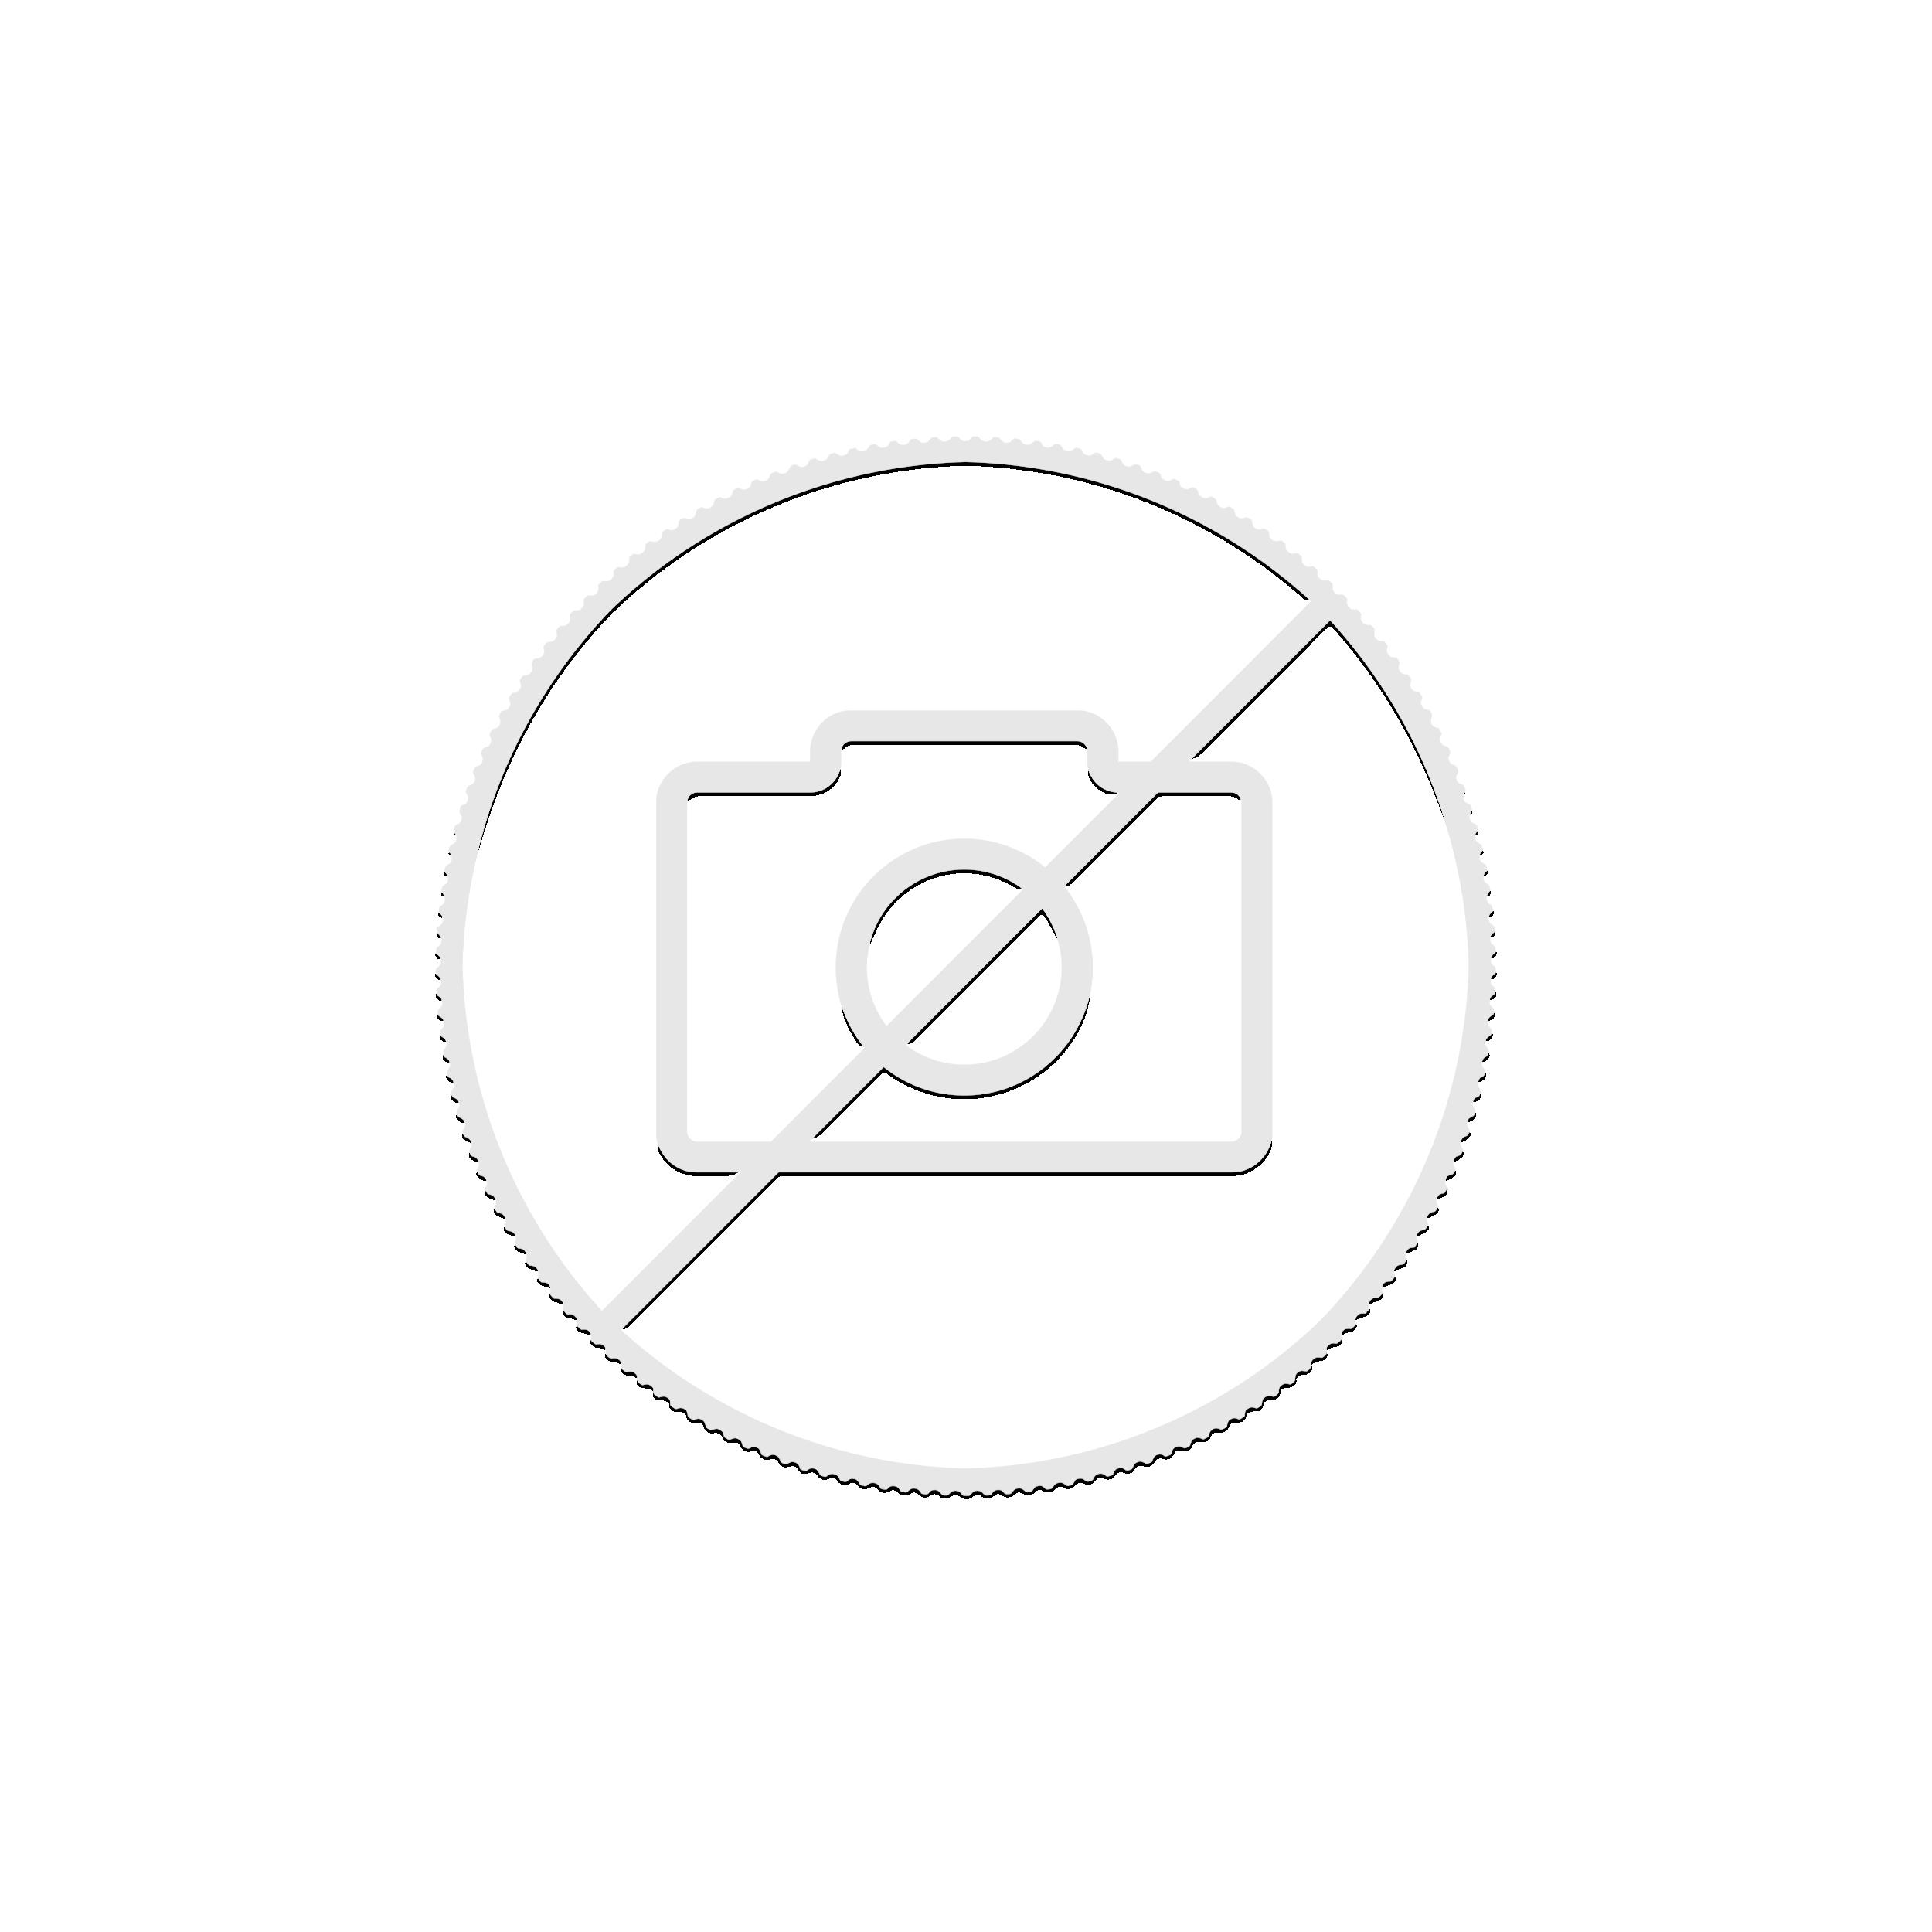 1 Troy ounce silver Kookaburra coin 2017